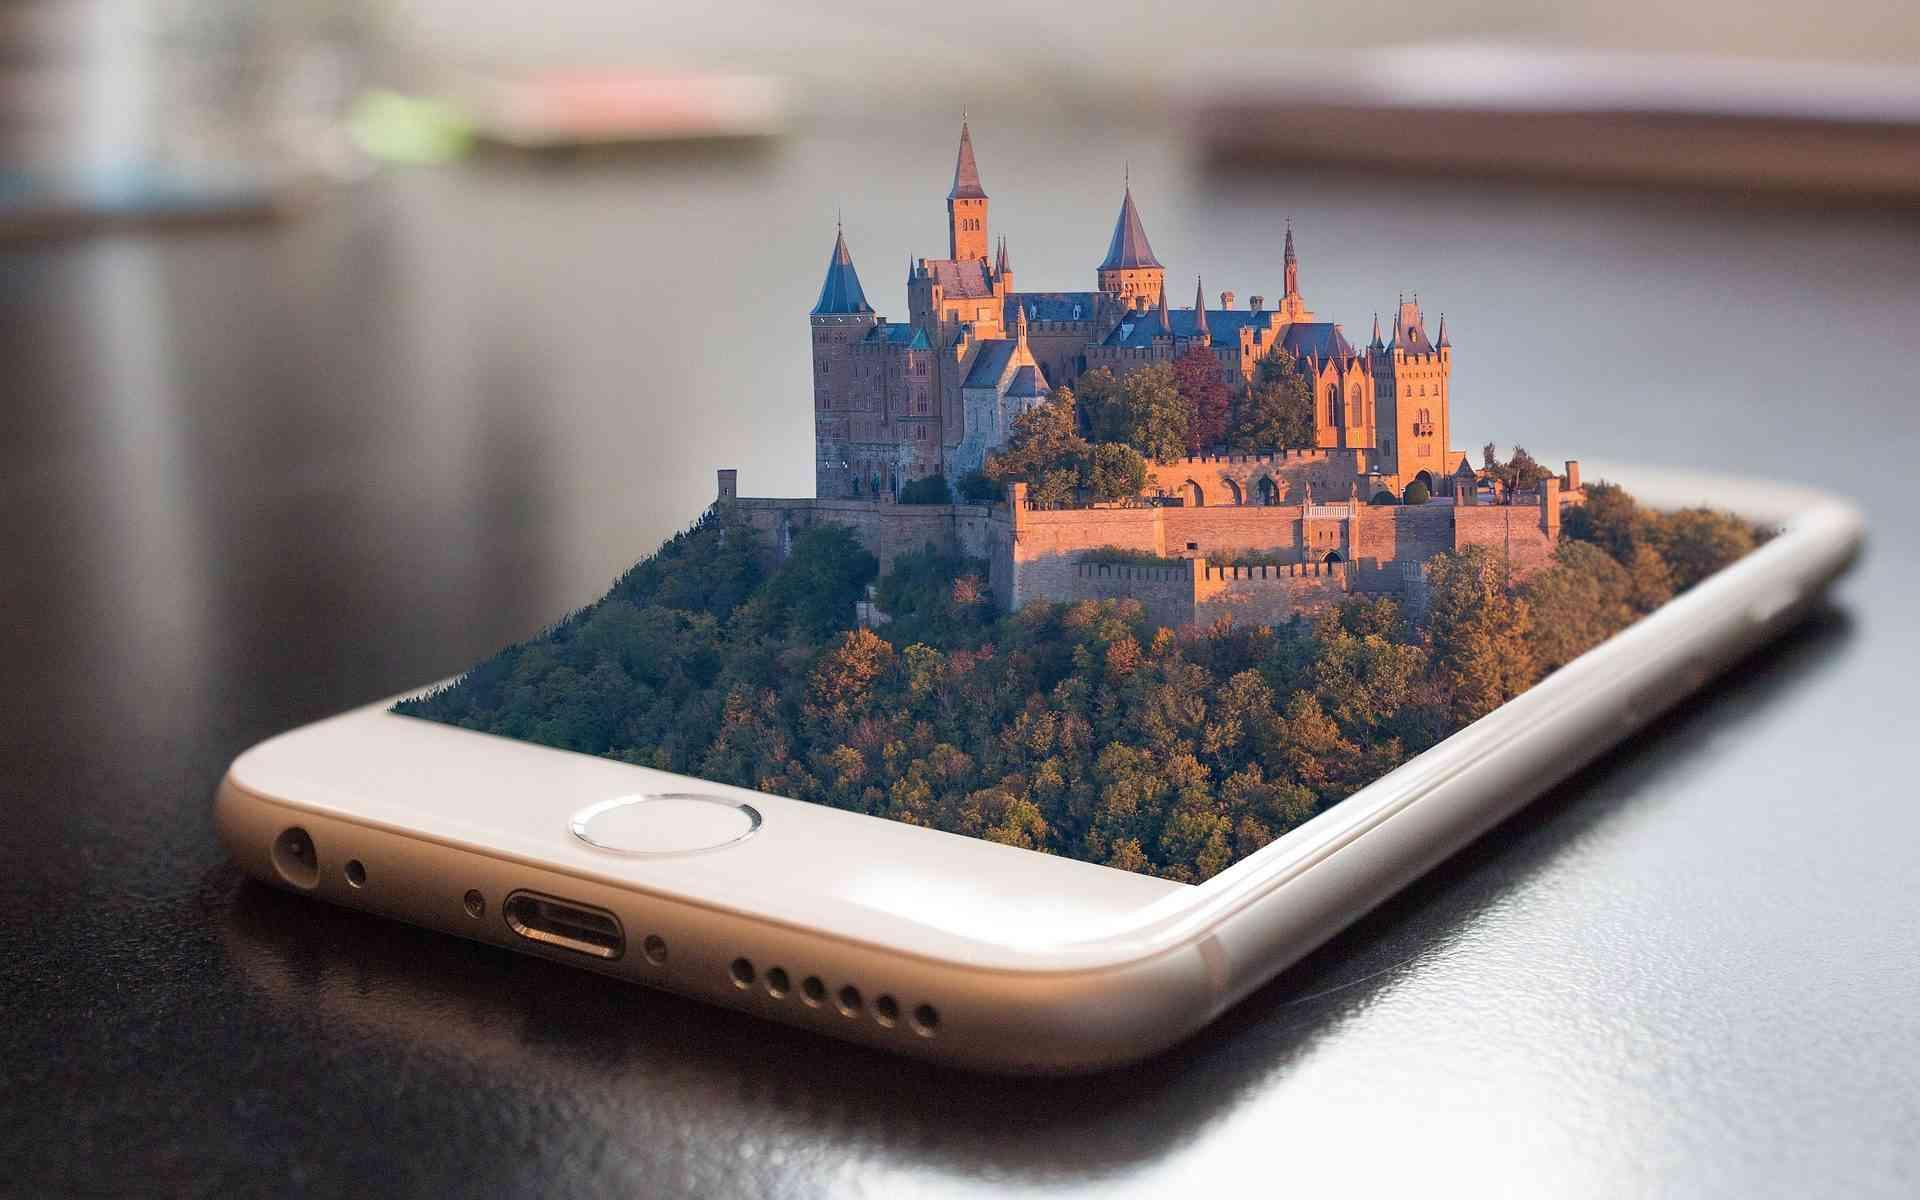 Cómo ha cambiado la cámara del iPhone 1